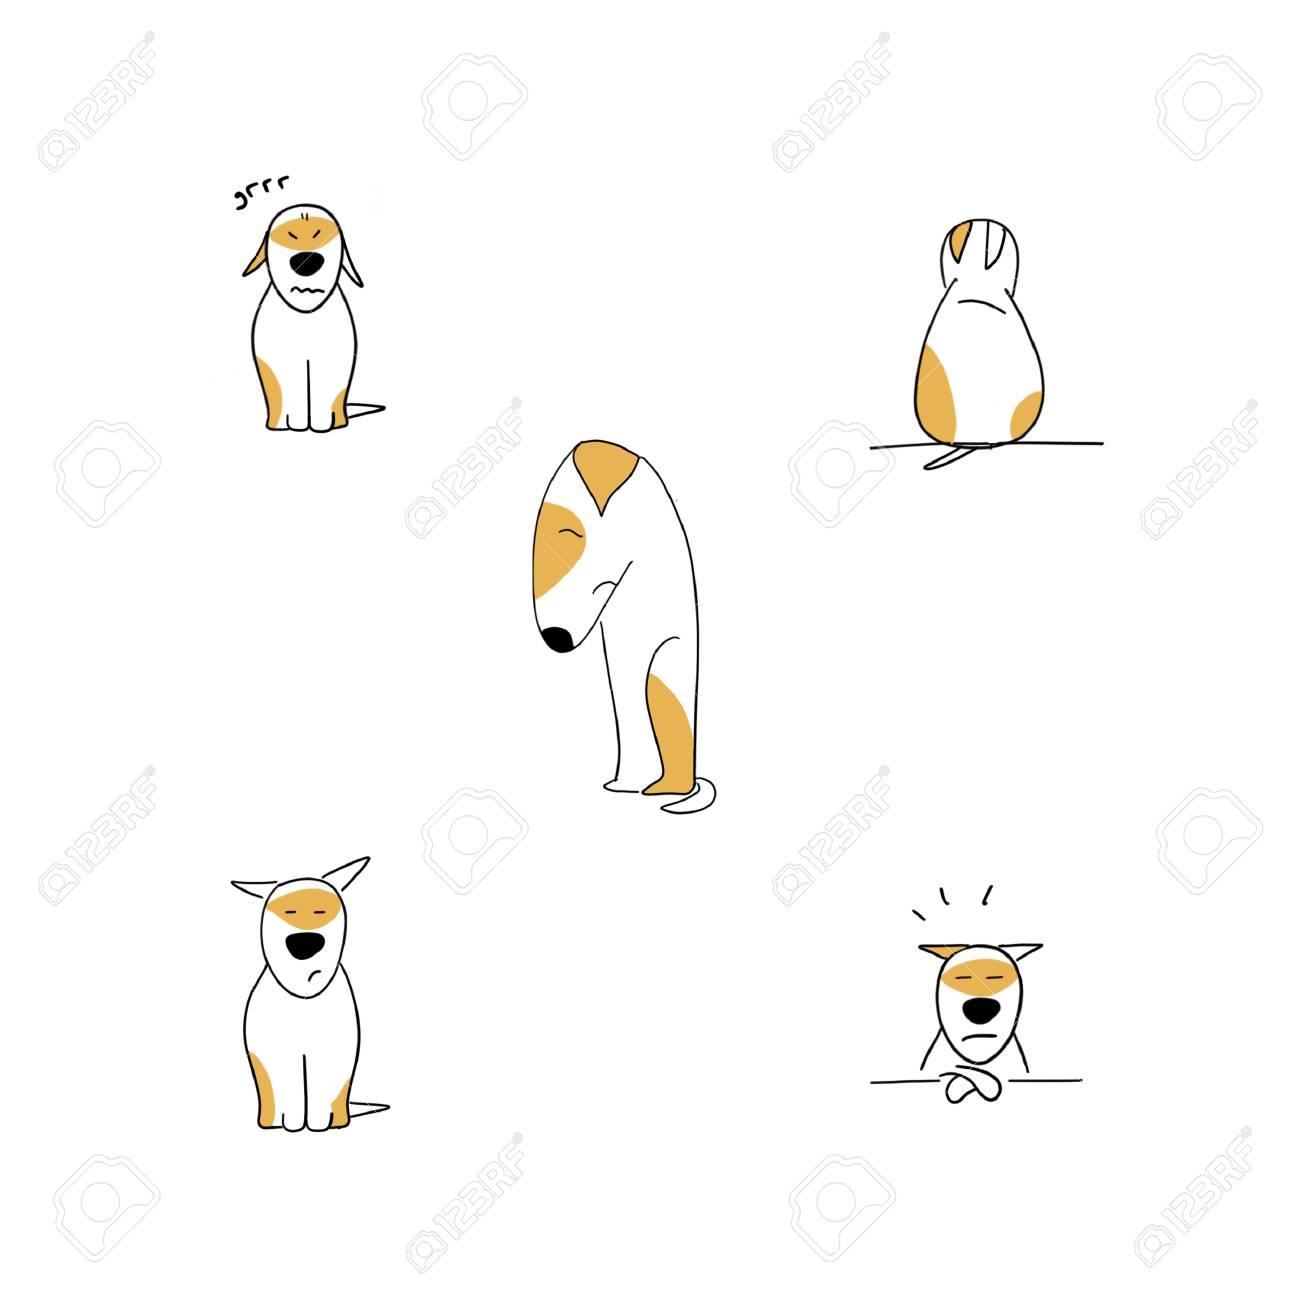 Set of sad puppy cartoon emotions illustration isolated on white - 115343684